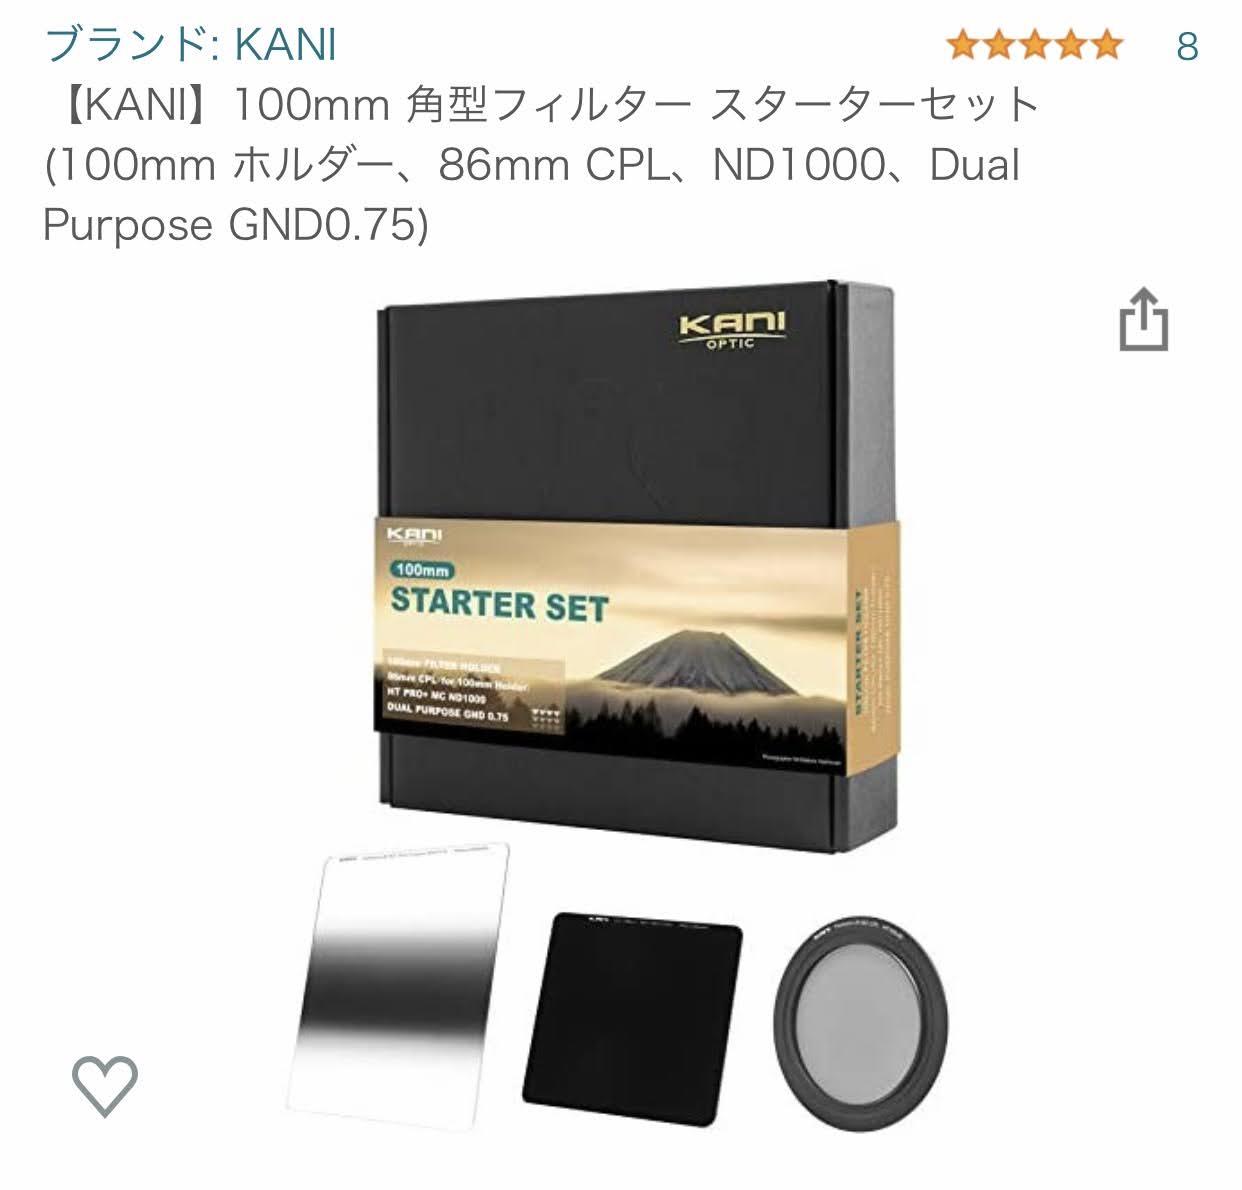 【KANI】100mm 角型フィルター スターターセット